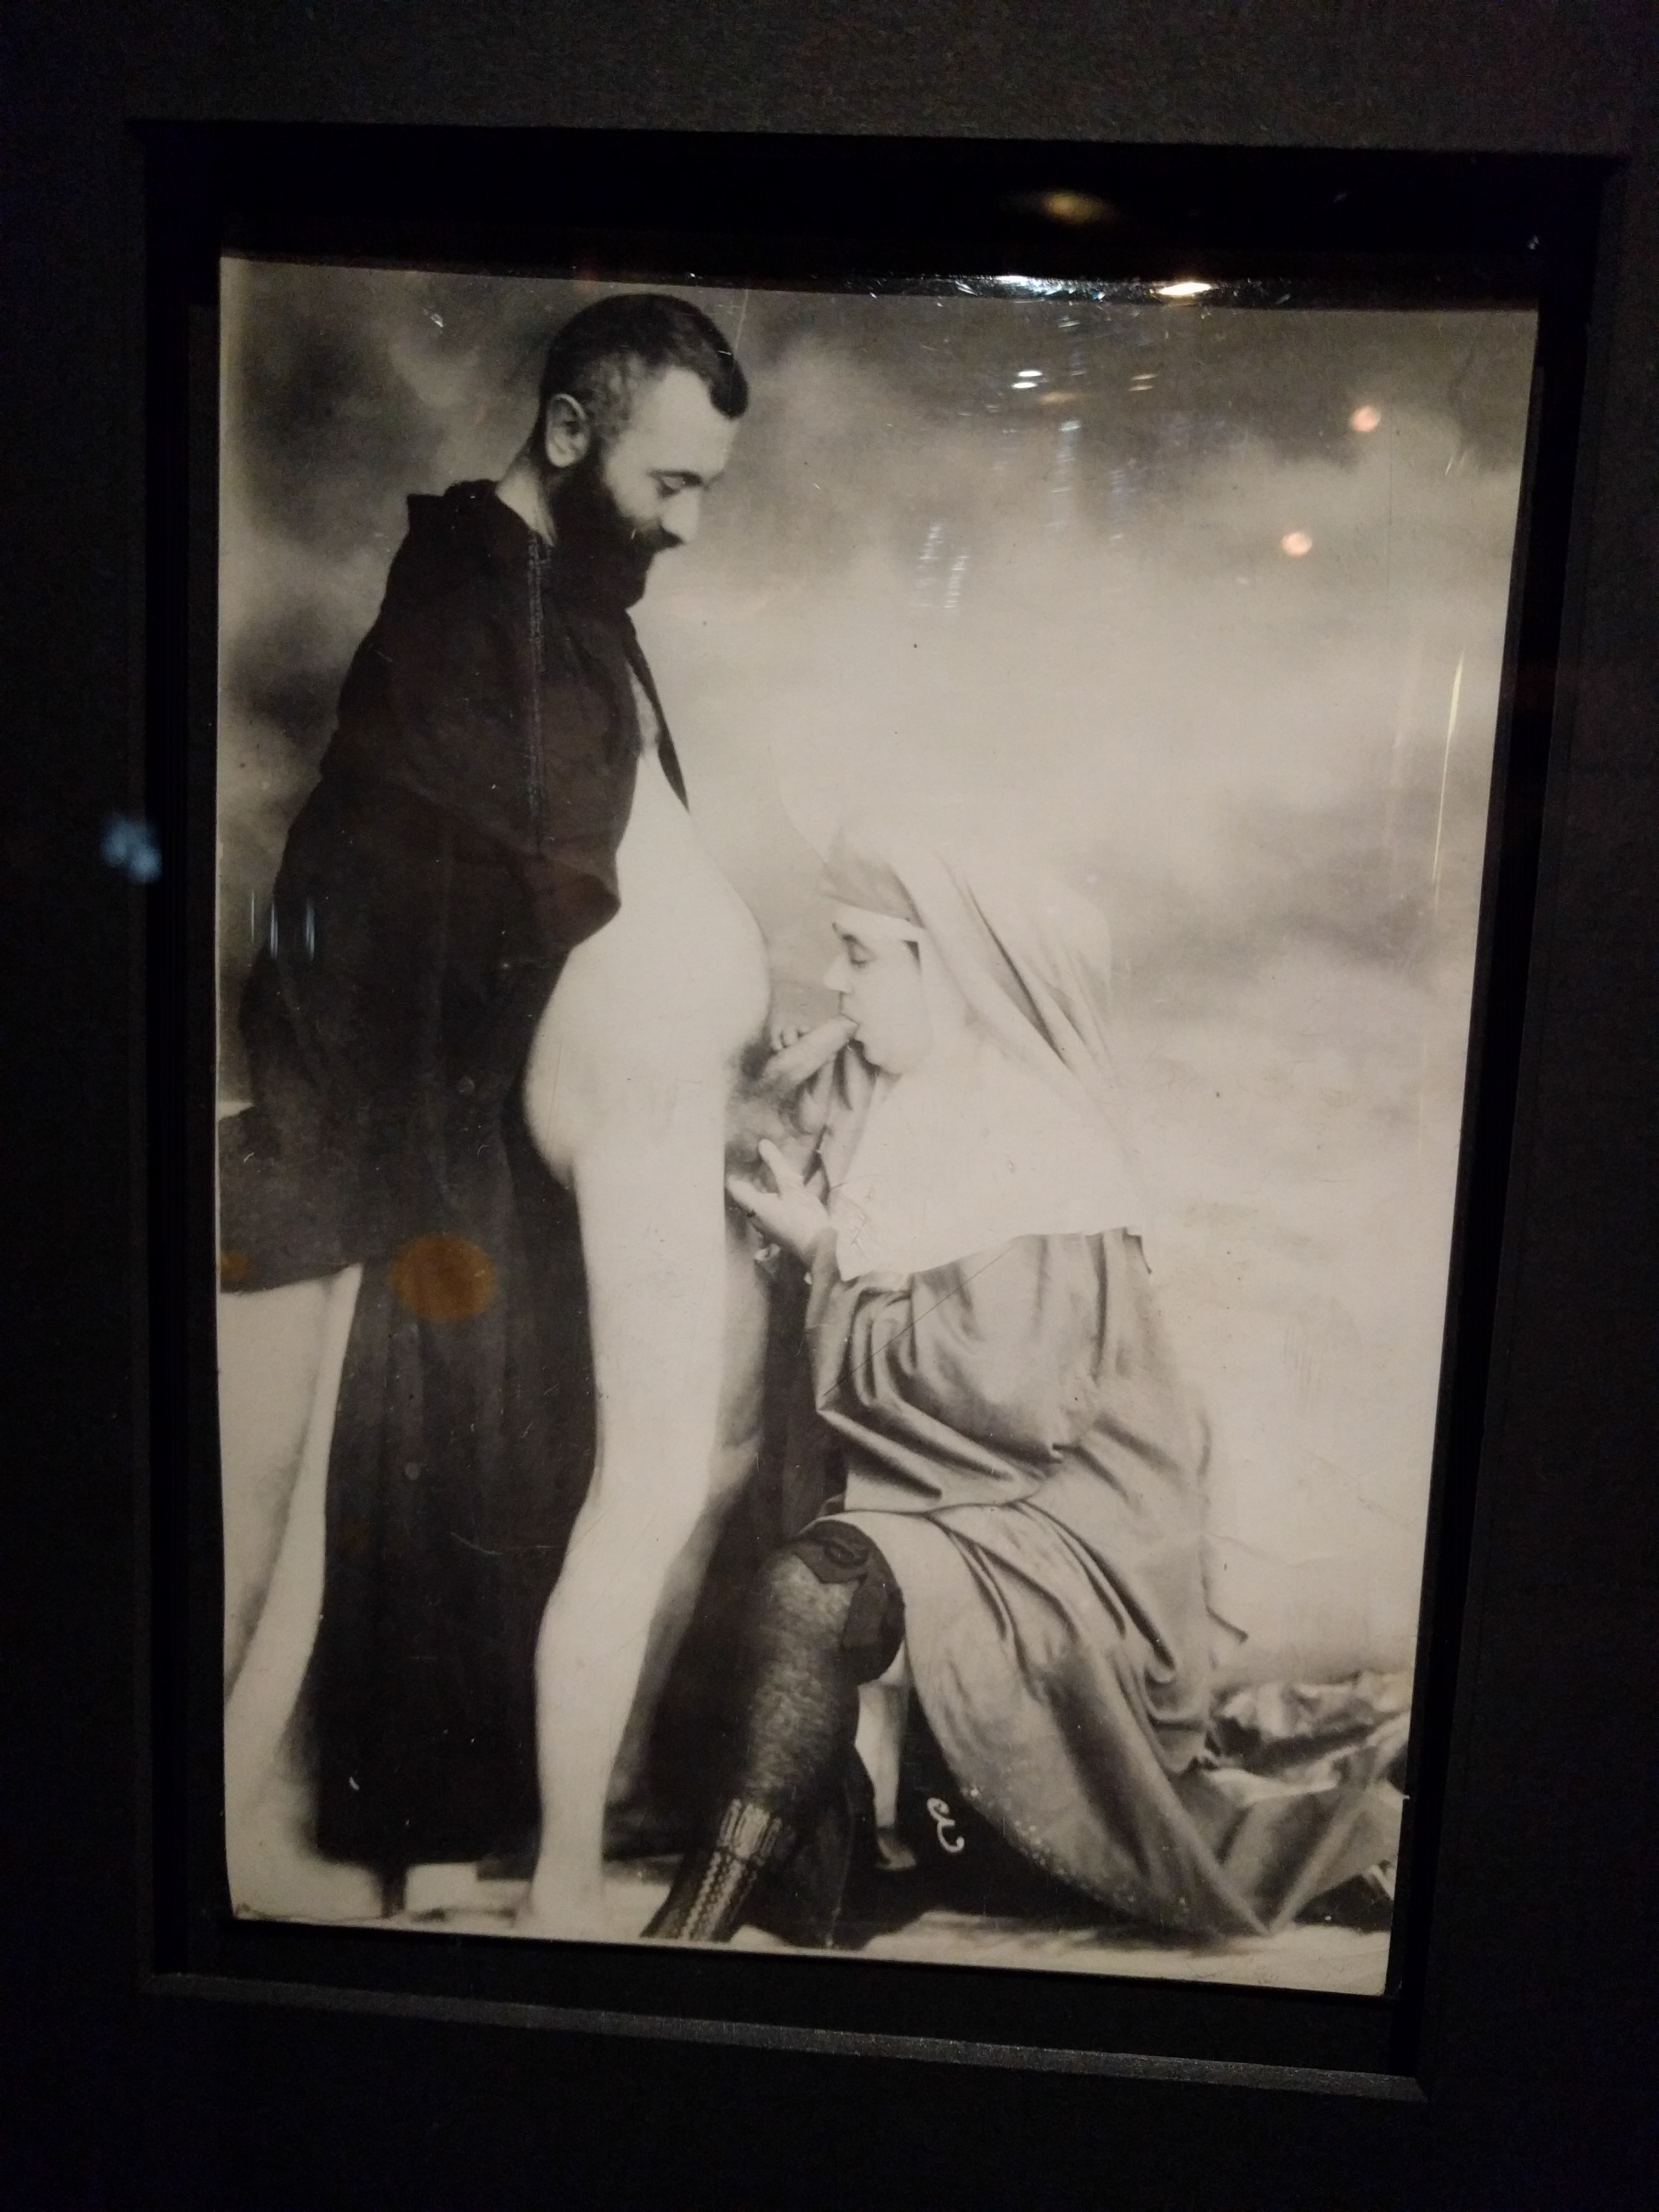 A szexuális fantáziák és fétisek gyakori szereplői voltak a különféle egyházi tekintélyszemélyek.